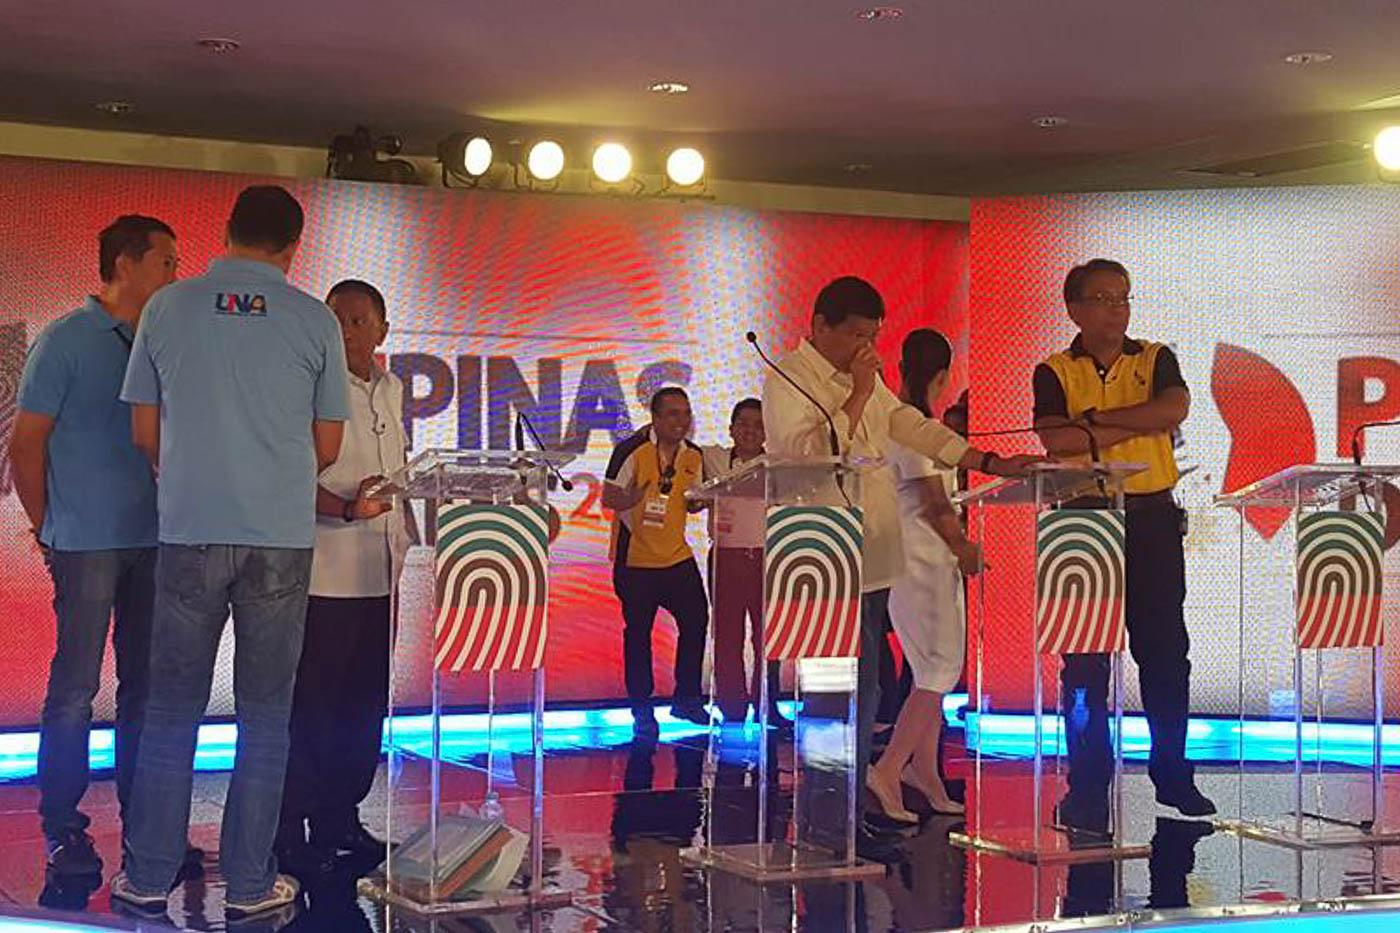 DEBATE BEFORE THE DEBATE. Behind the scenes before the March 20 presidential debate in Cebu City. Photo by Rappler